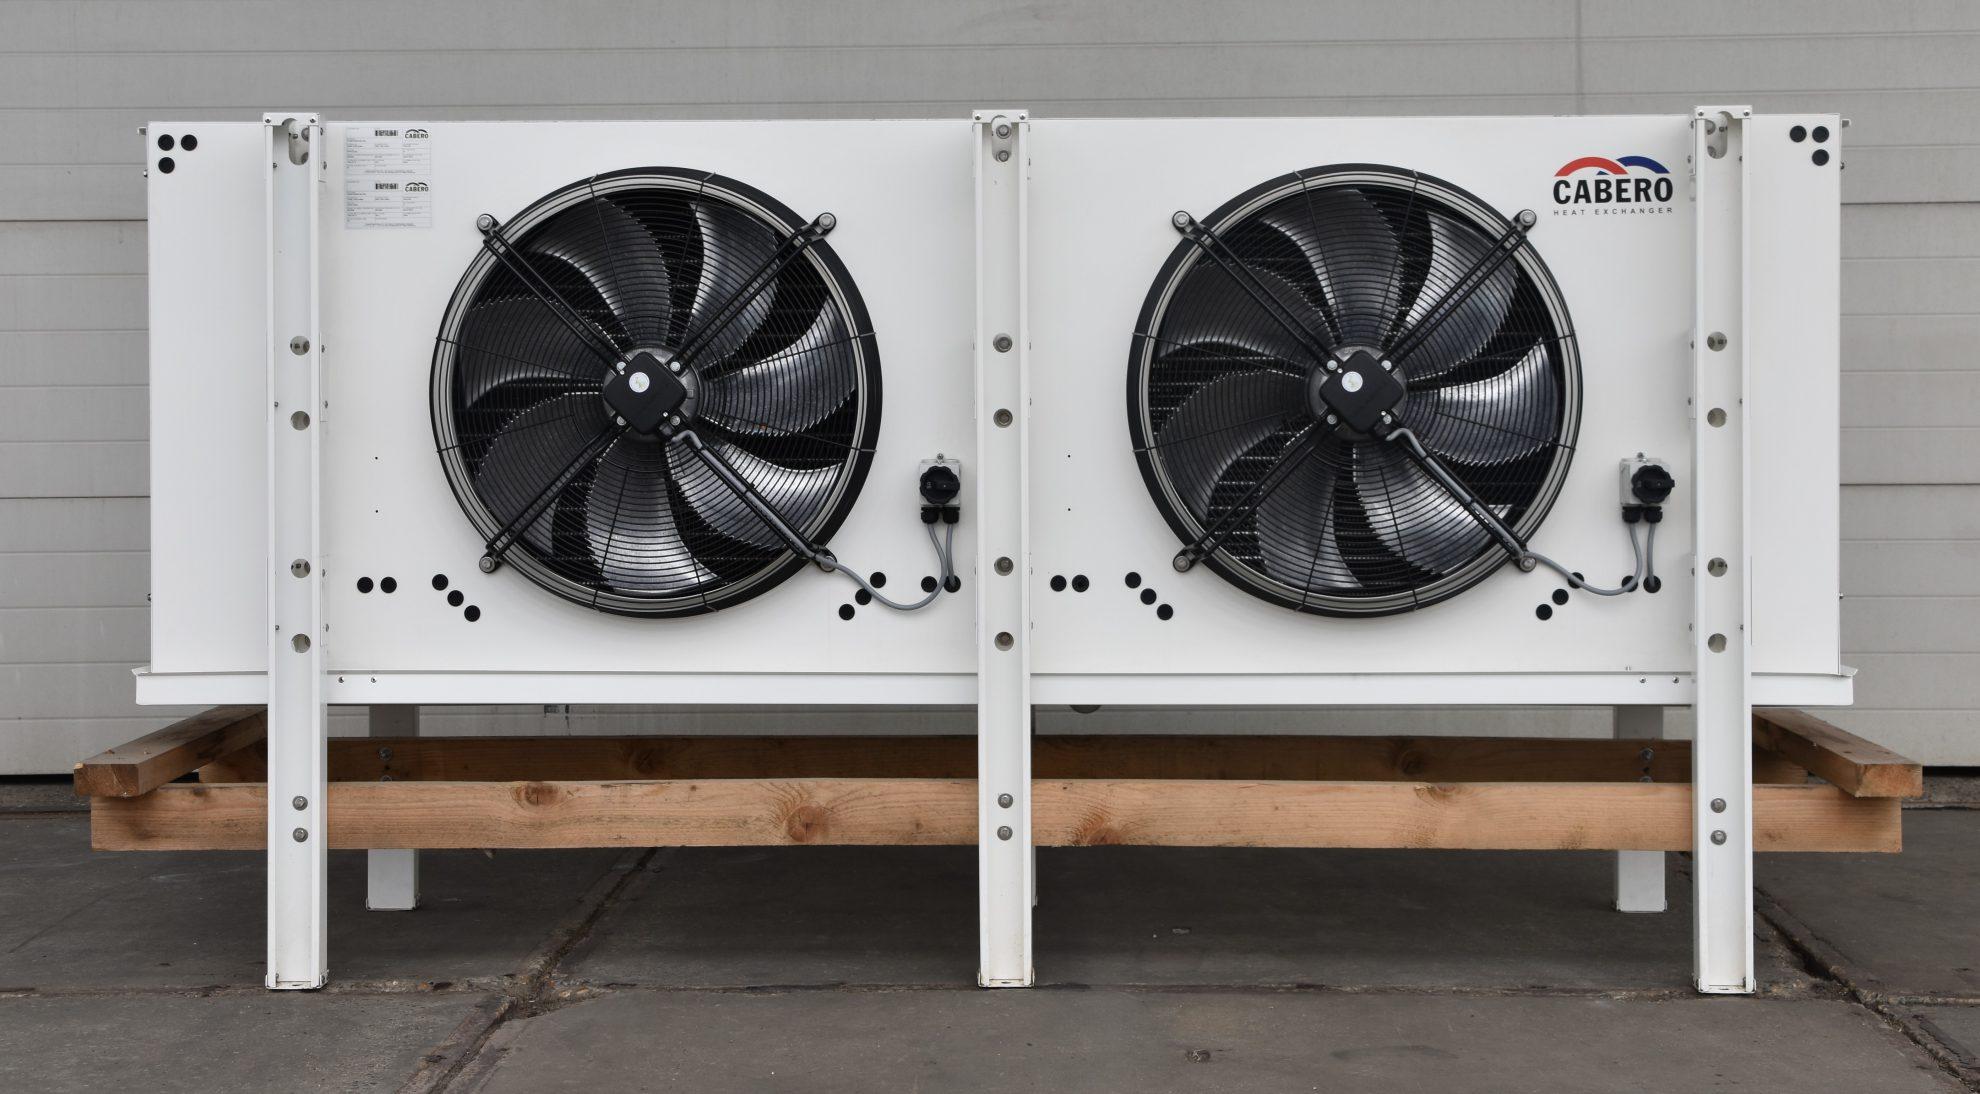 CABERO Professional Air Cooler / Evaporator